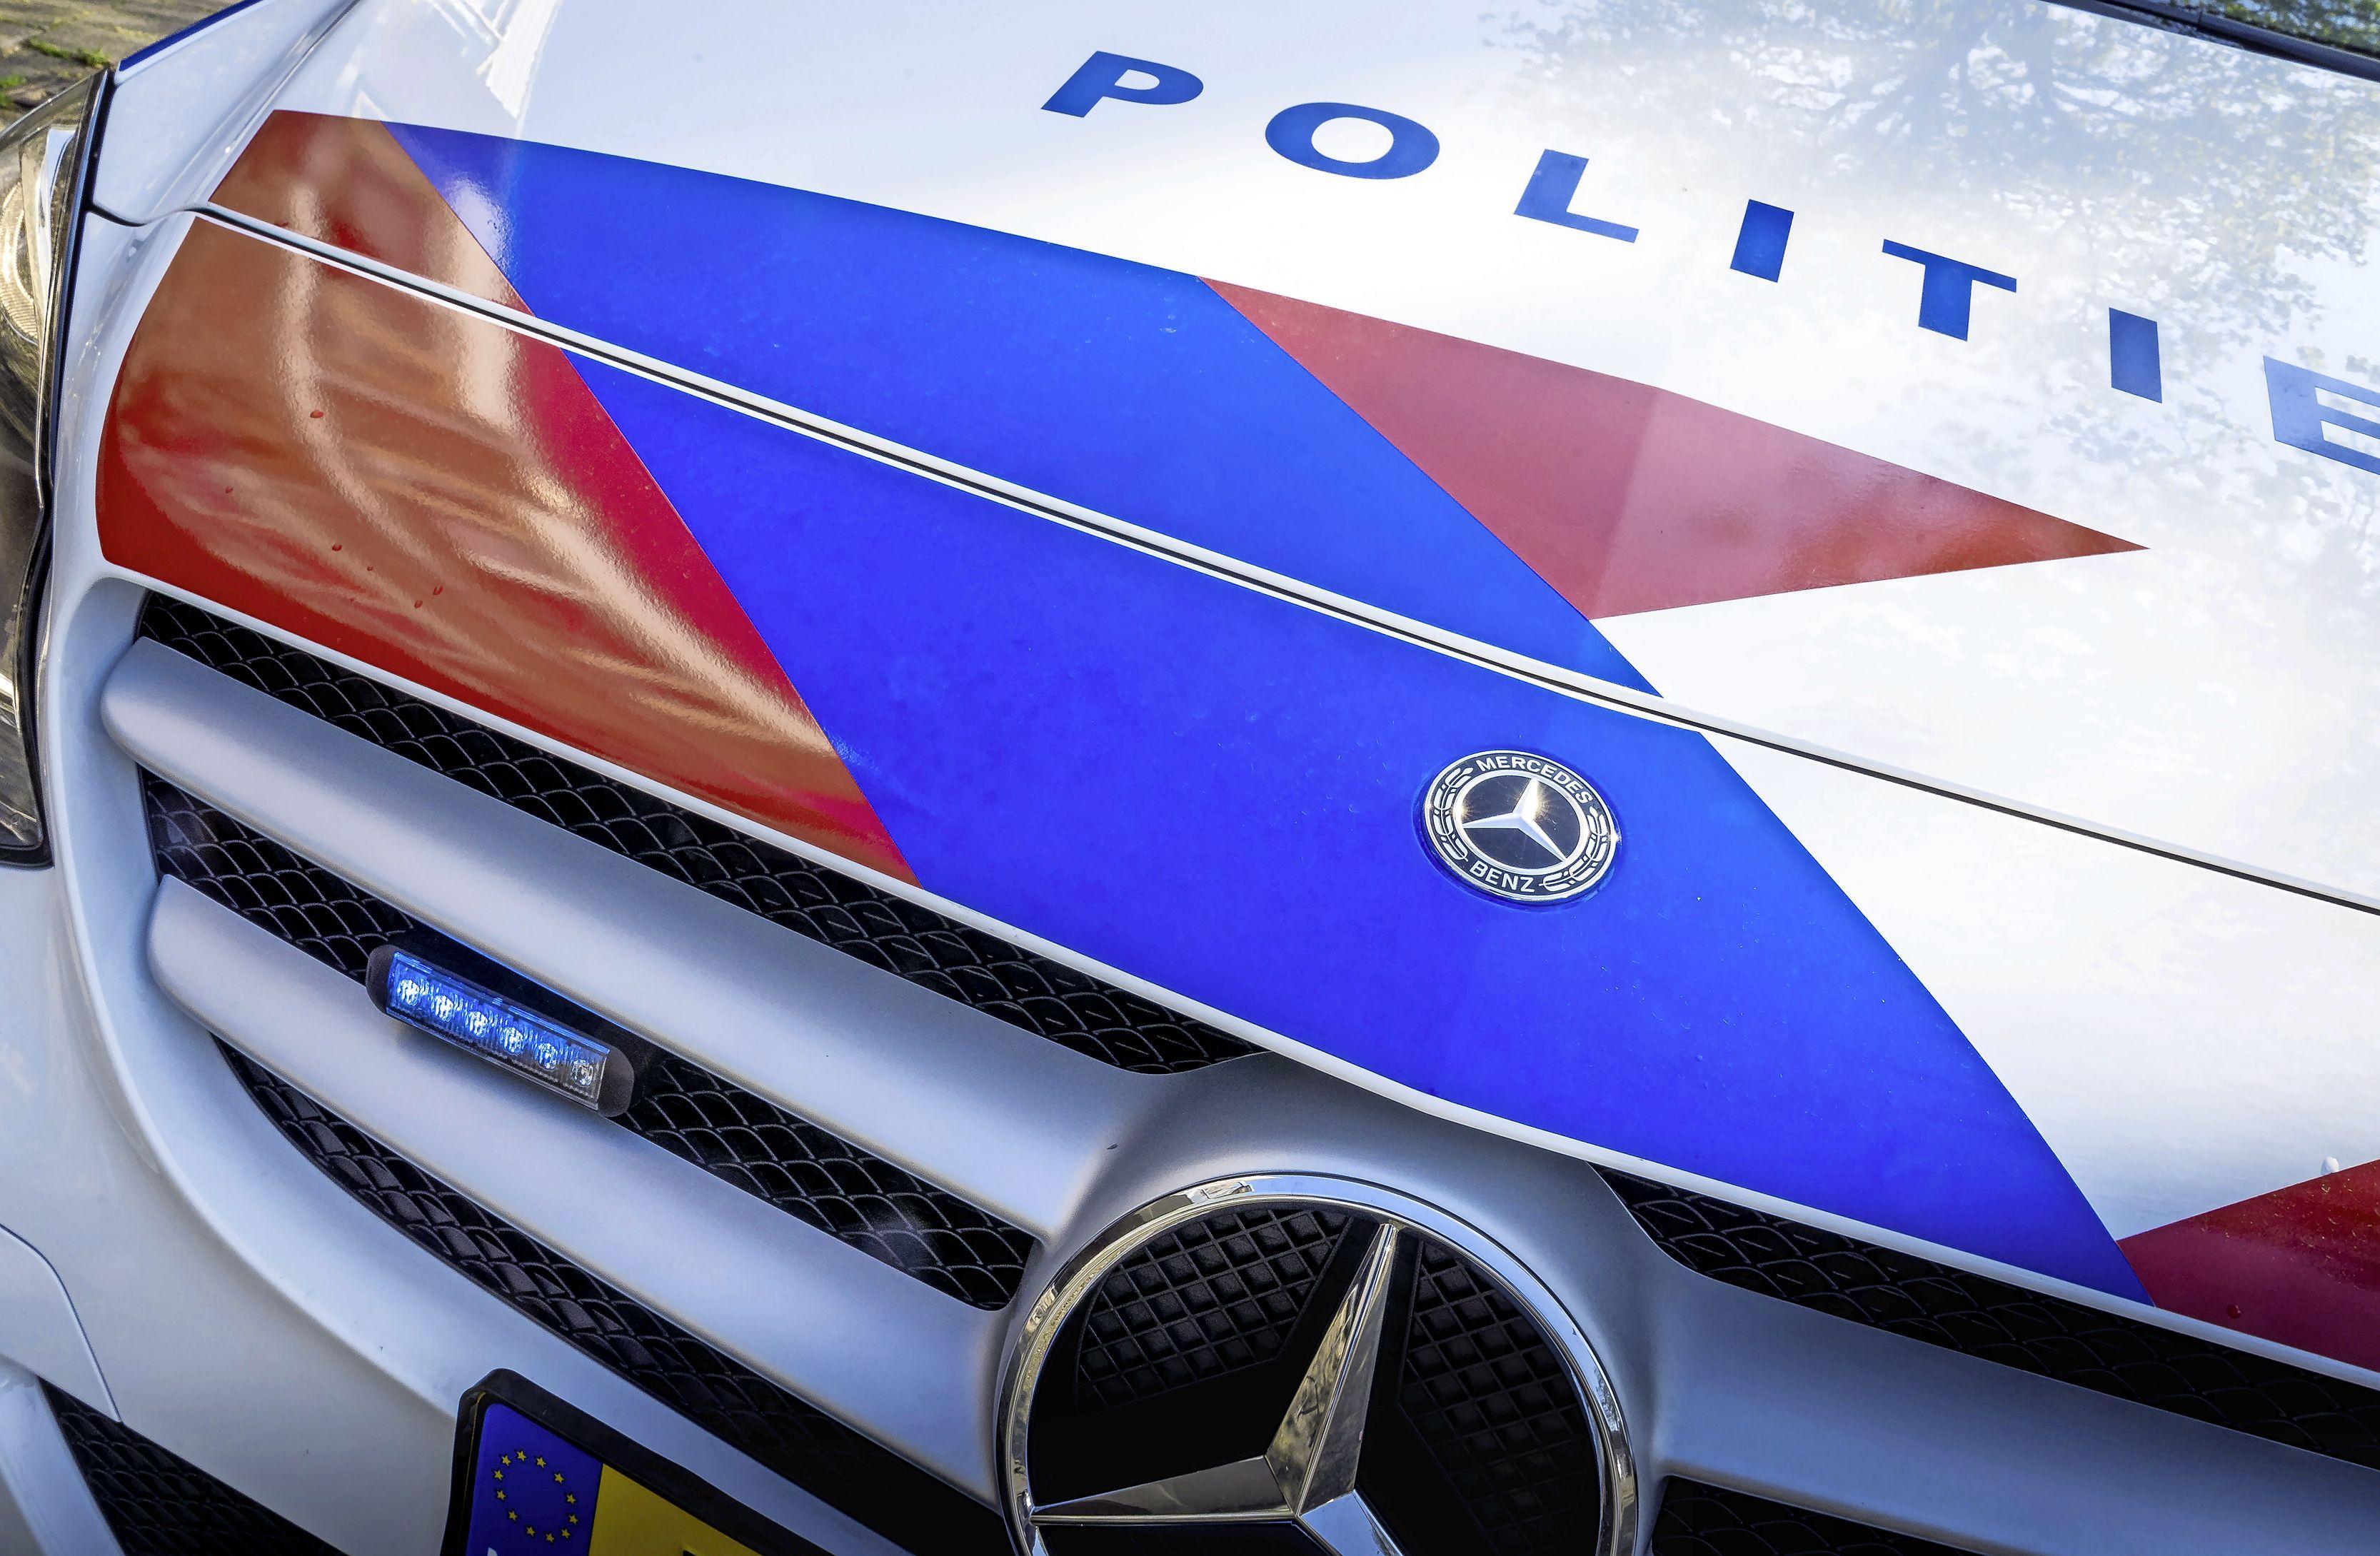 Steeds afslaande motor drijft man in armen van politie. Hij heeft waslijst aan overtredingen. Zoals: contactverbod met zijn passagiere